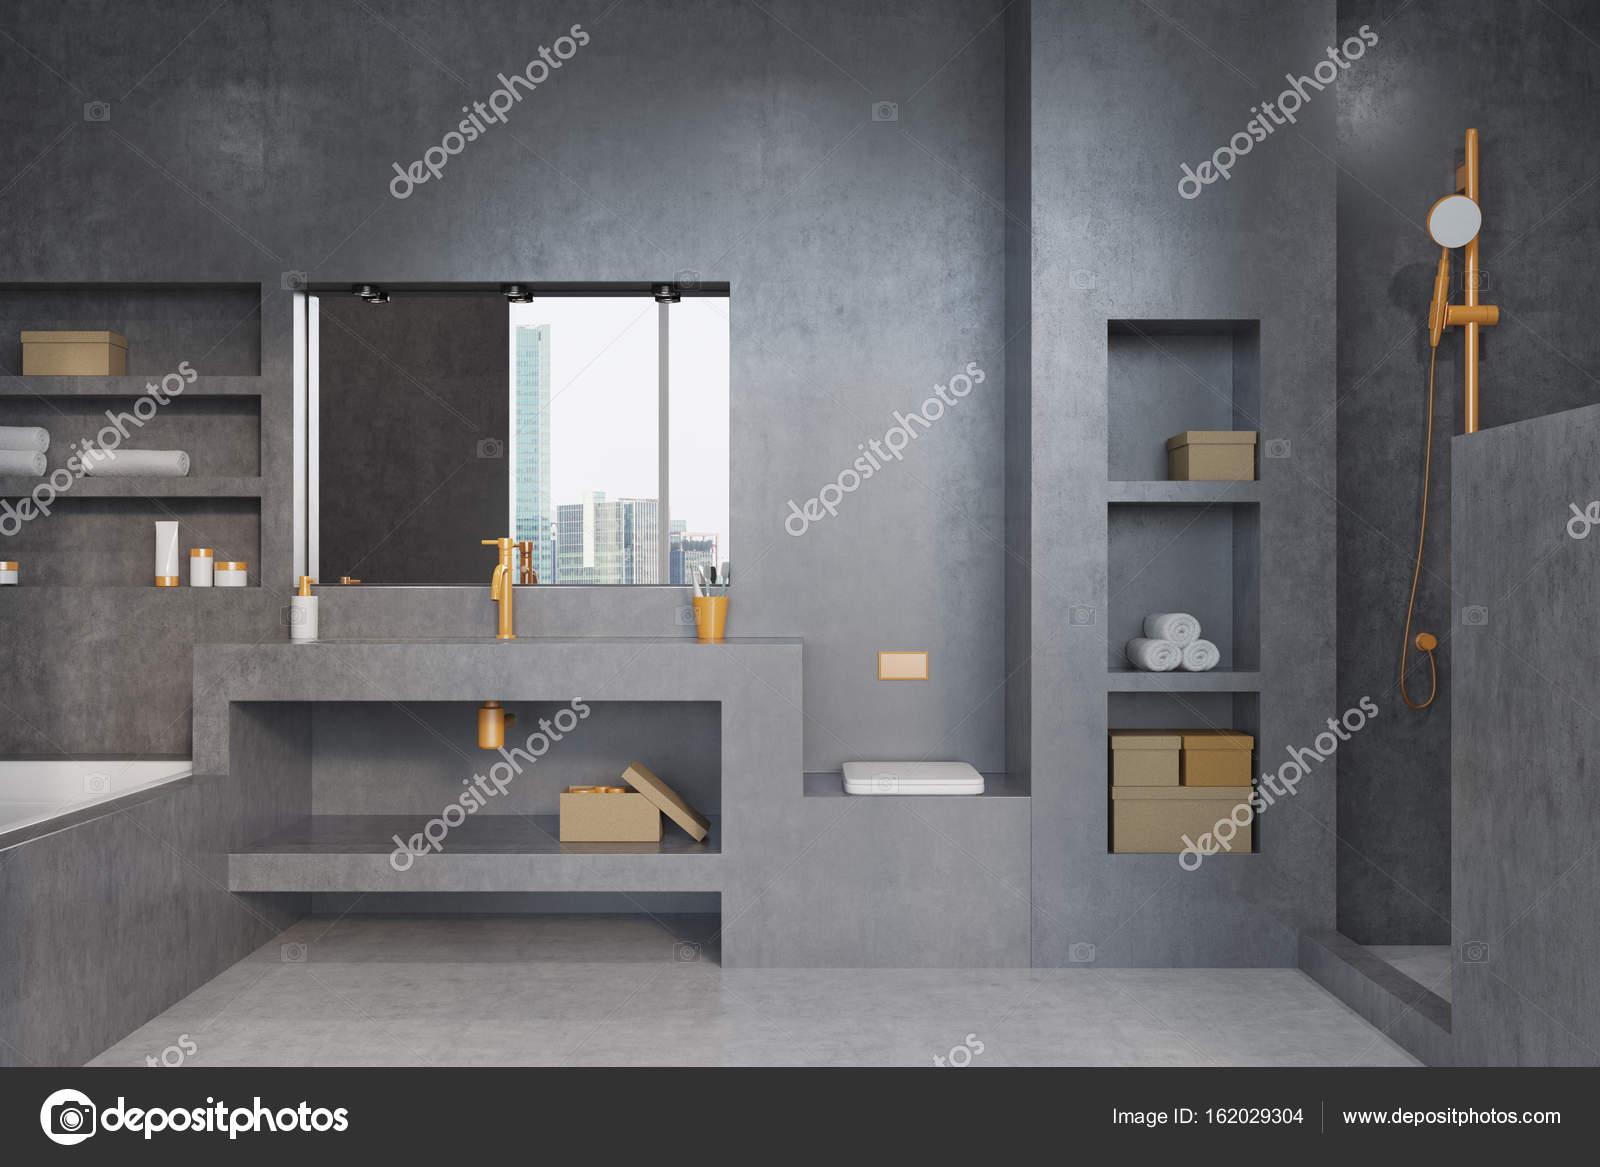 Graue Badezimmer Interieur Mit Eine Badewanne, Eine Dusche, Ein Regal, Ein  Spiegel Und Ein Schrank. Marmorboden, Modernes Design. Konzept Für Ein ...